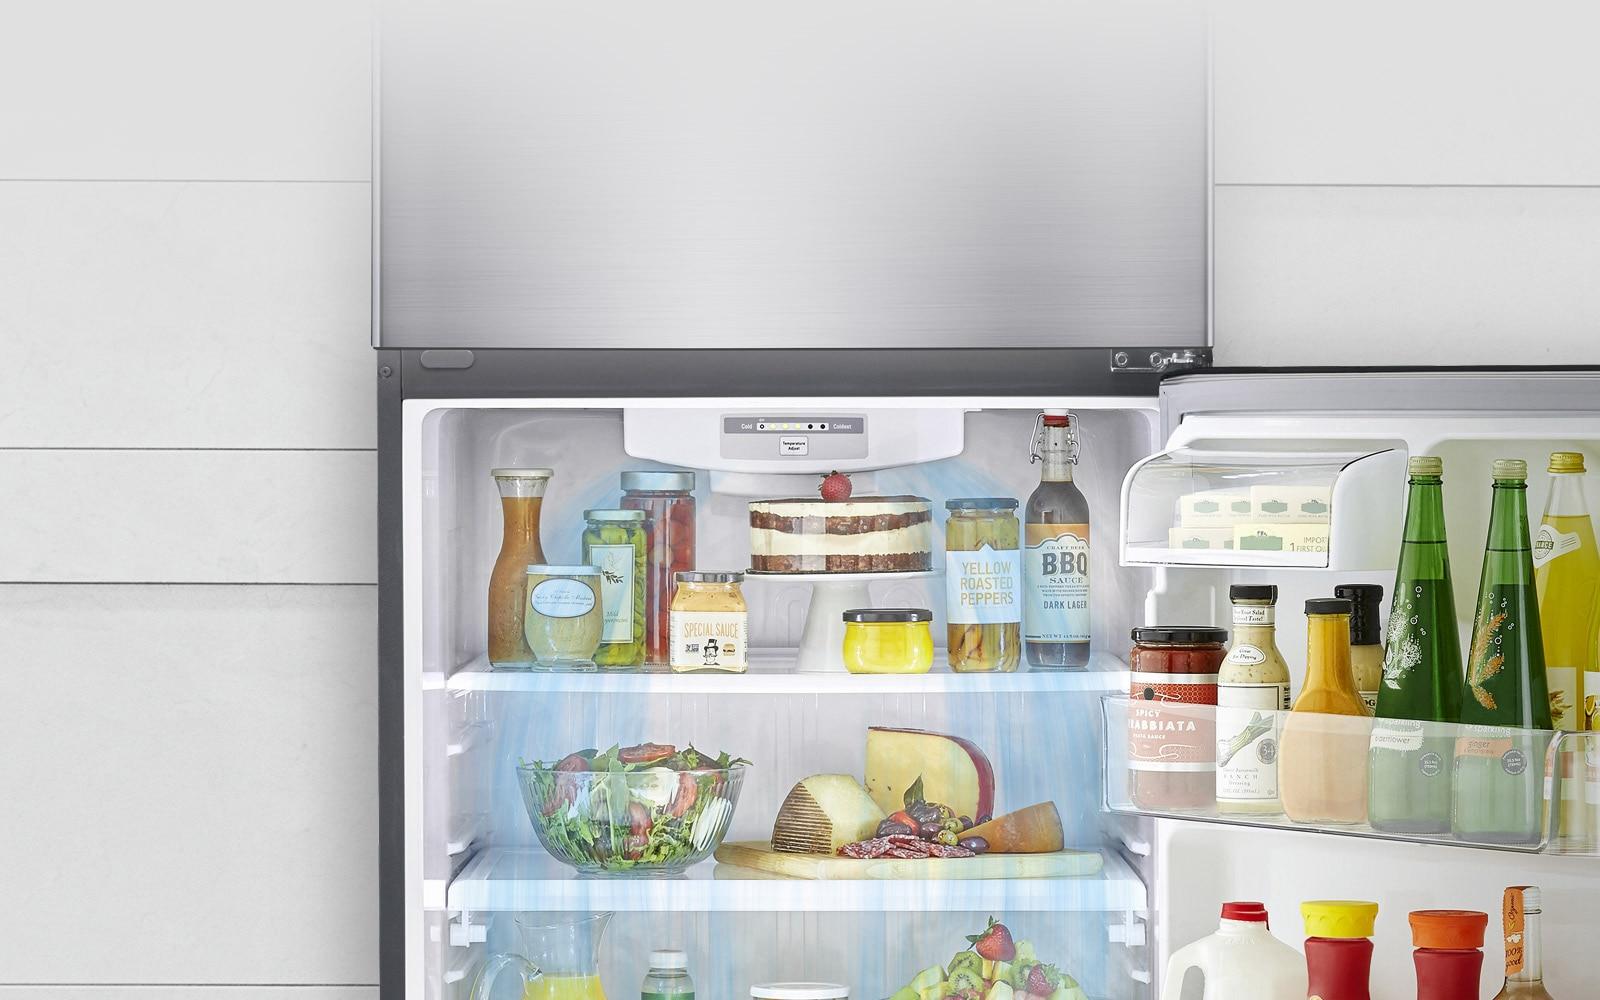 تظهر الثلاجة بالفريزر العلوي من إل جي مع فتح الباب السفلي. الثلاجة مليئة بالمنتجات ويظهر نظام التبريد الذي يطلق هواء التبريد الذي يدور من أعلى إلى أسفل الثلاجة.